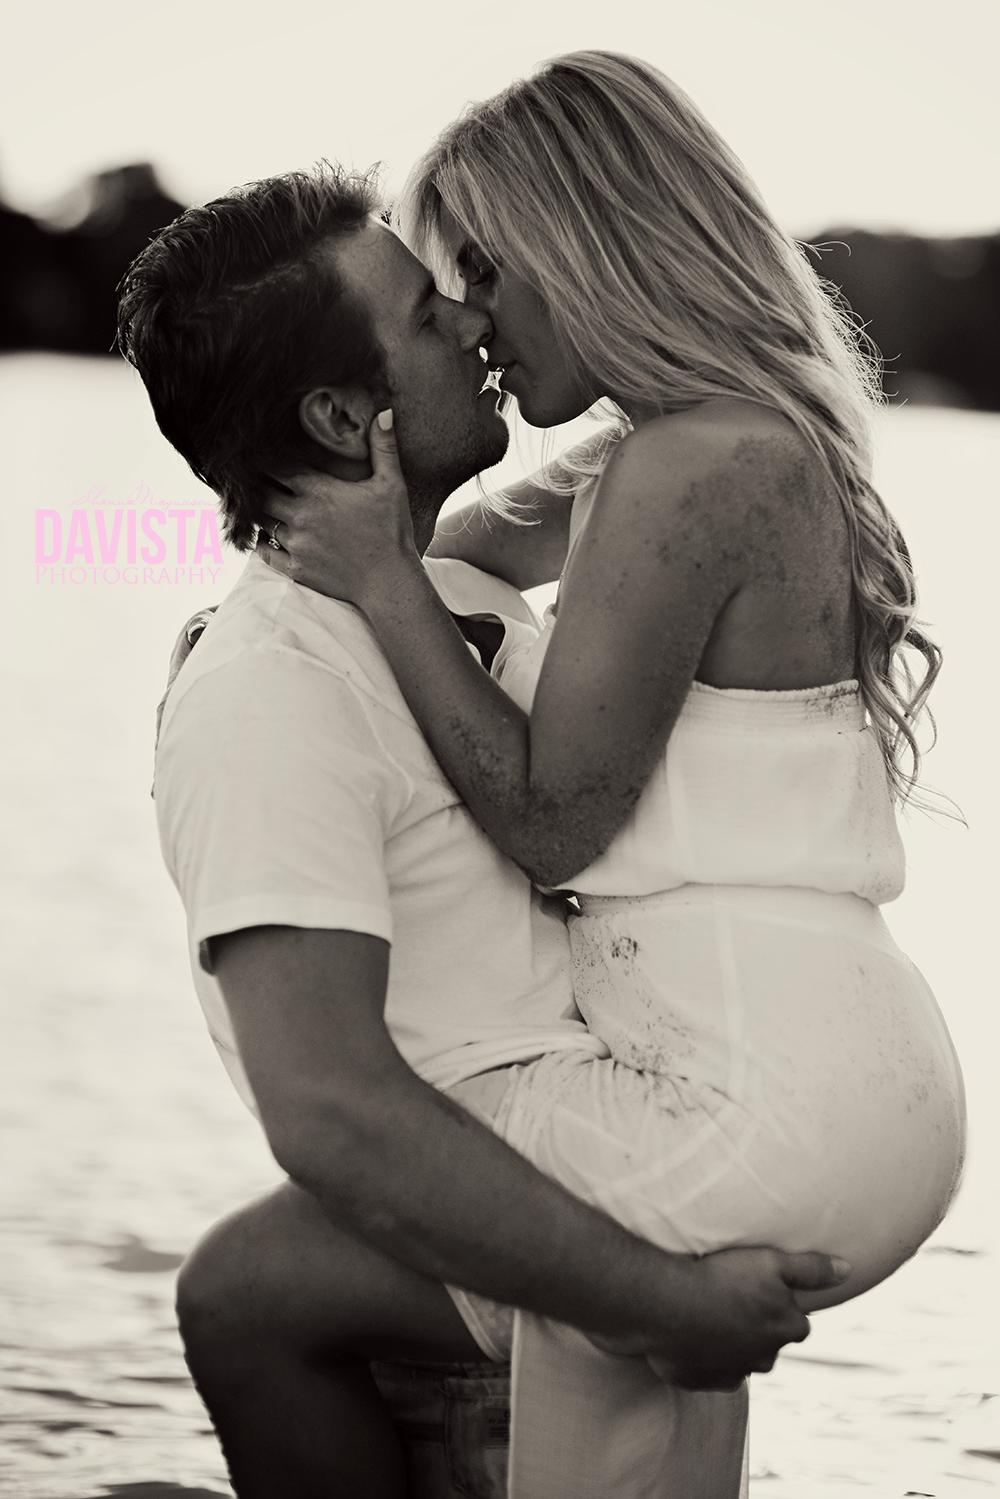 sexy couples boudoir beach photography